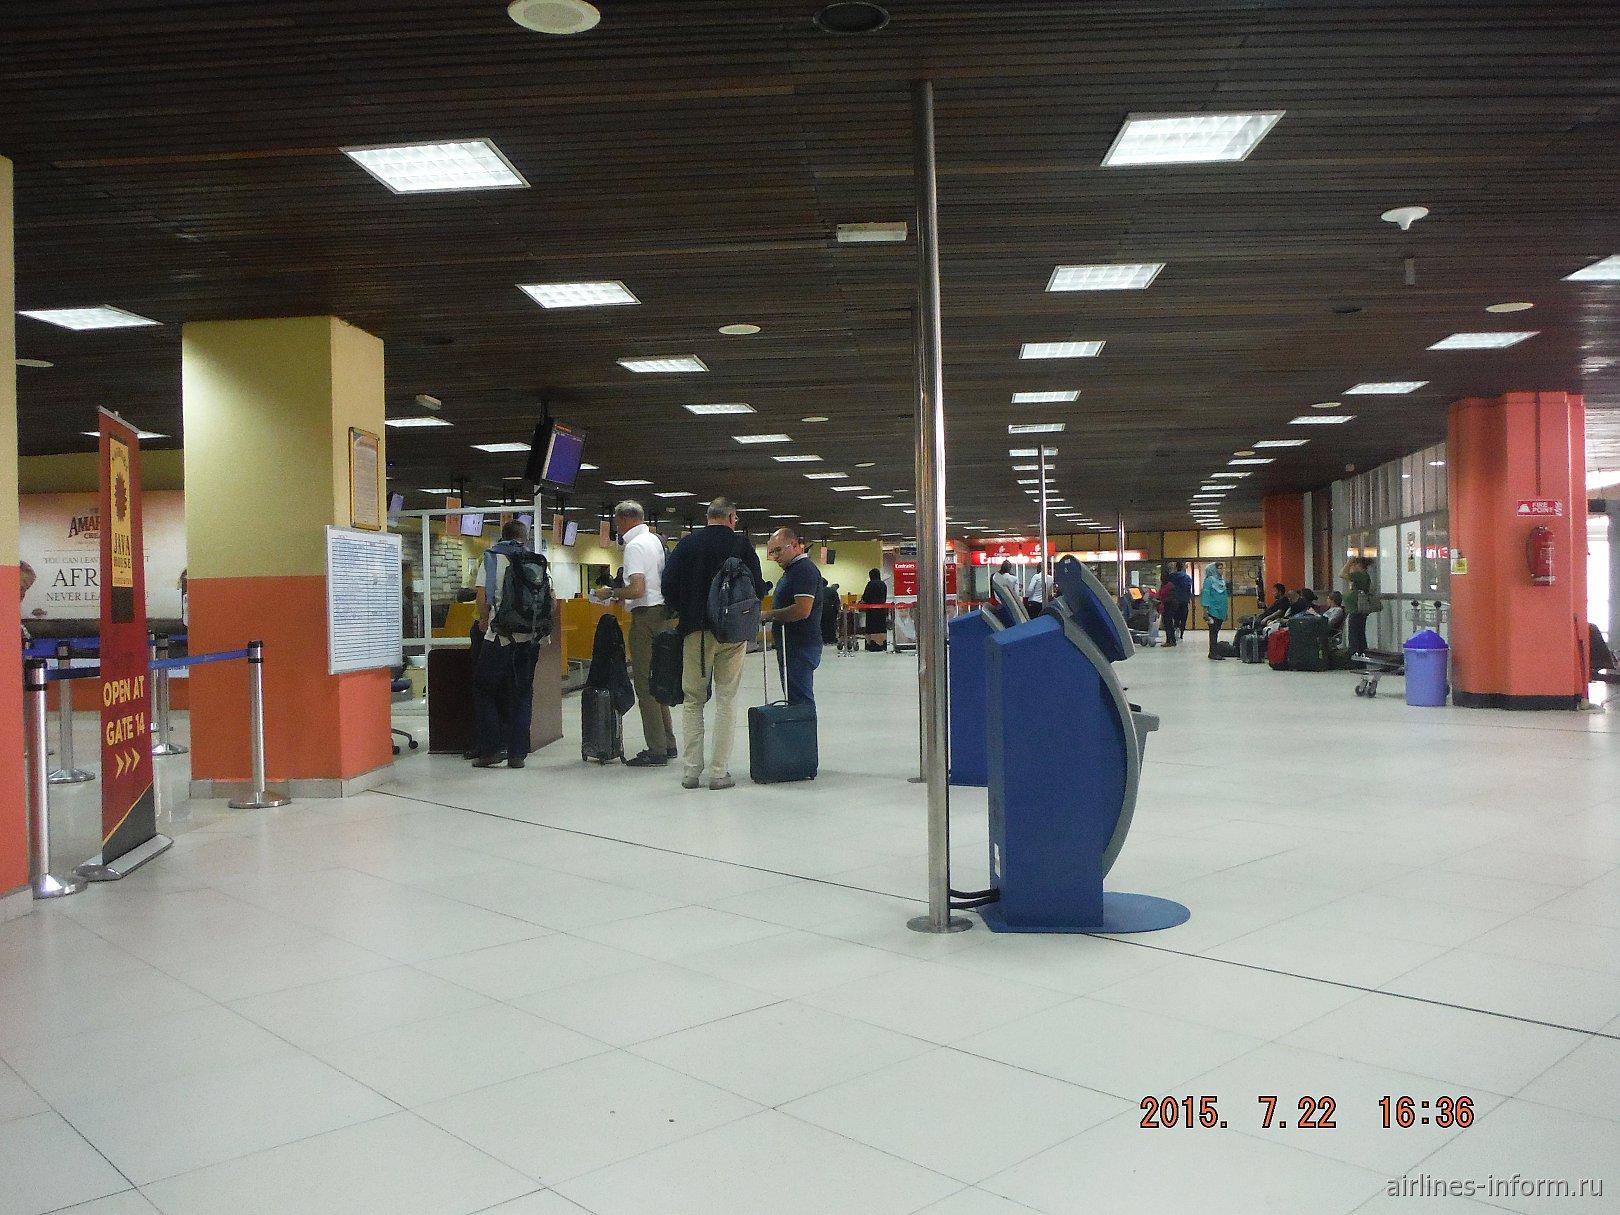 В терминале 1 аэропорта Найроби Джомо Кеньятта